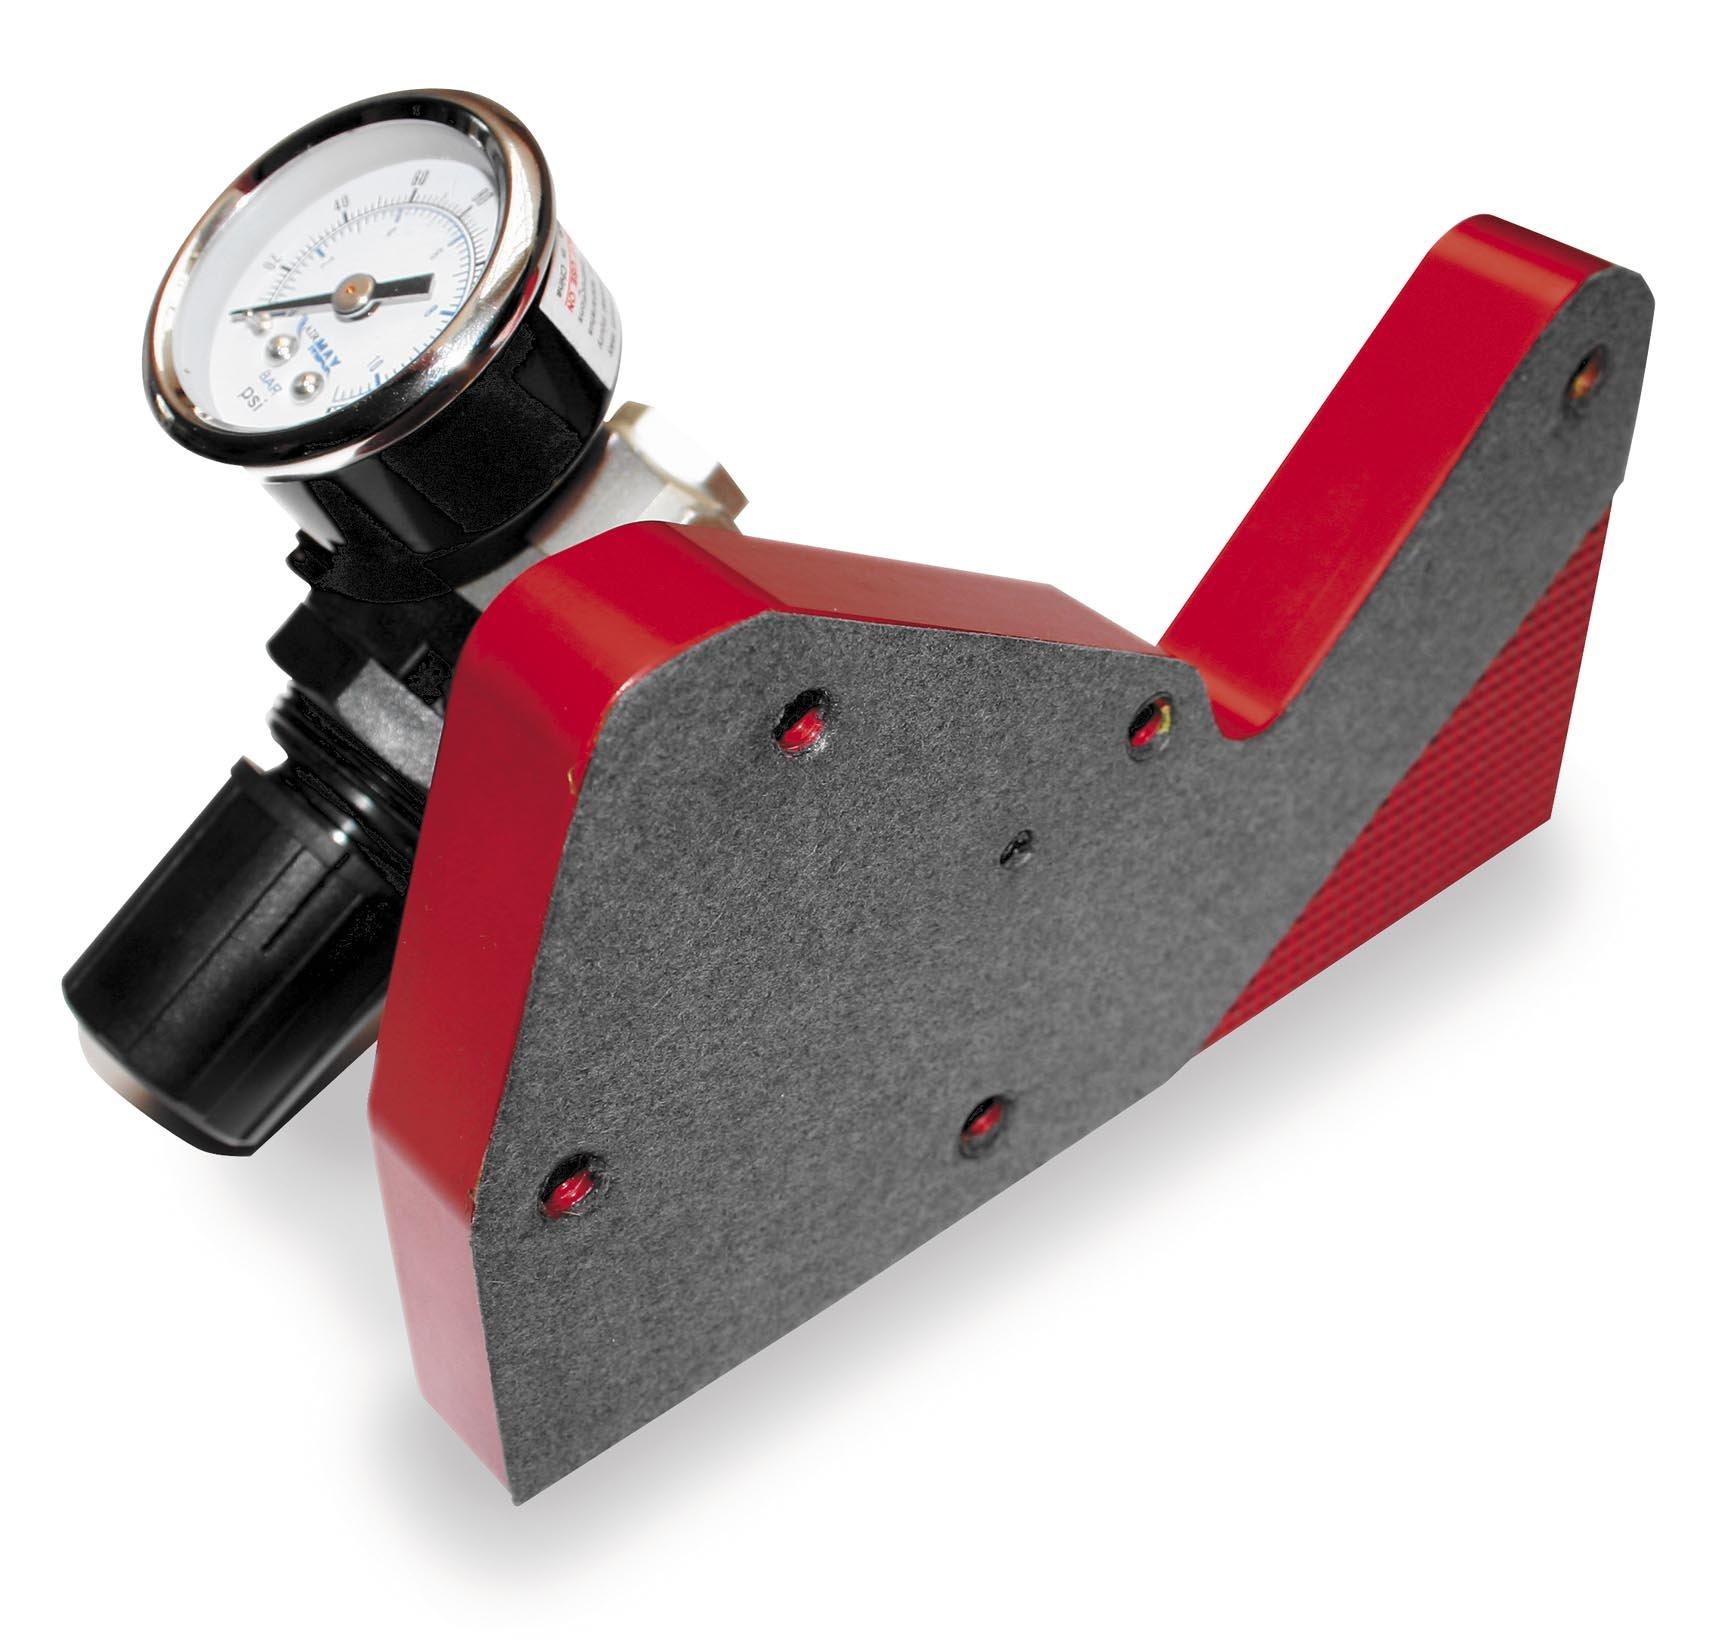 Feuling Fueling Pressure Relief Pressure Test Tool 9010